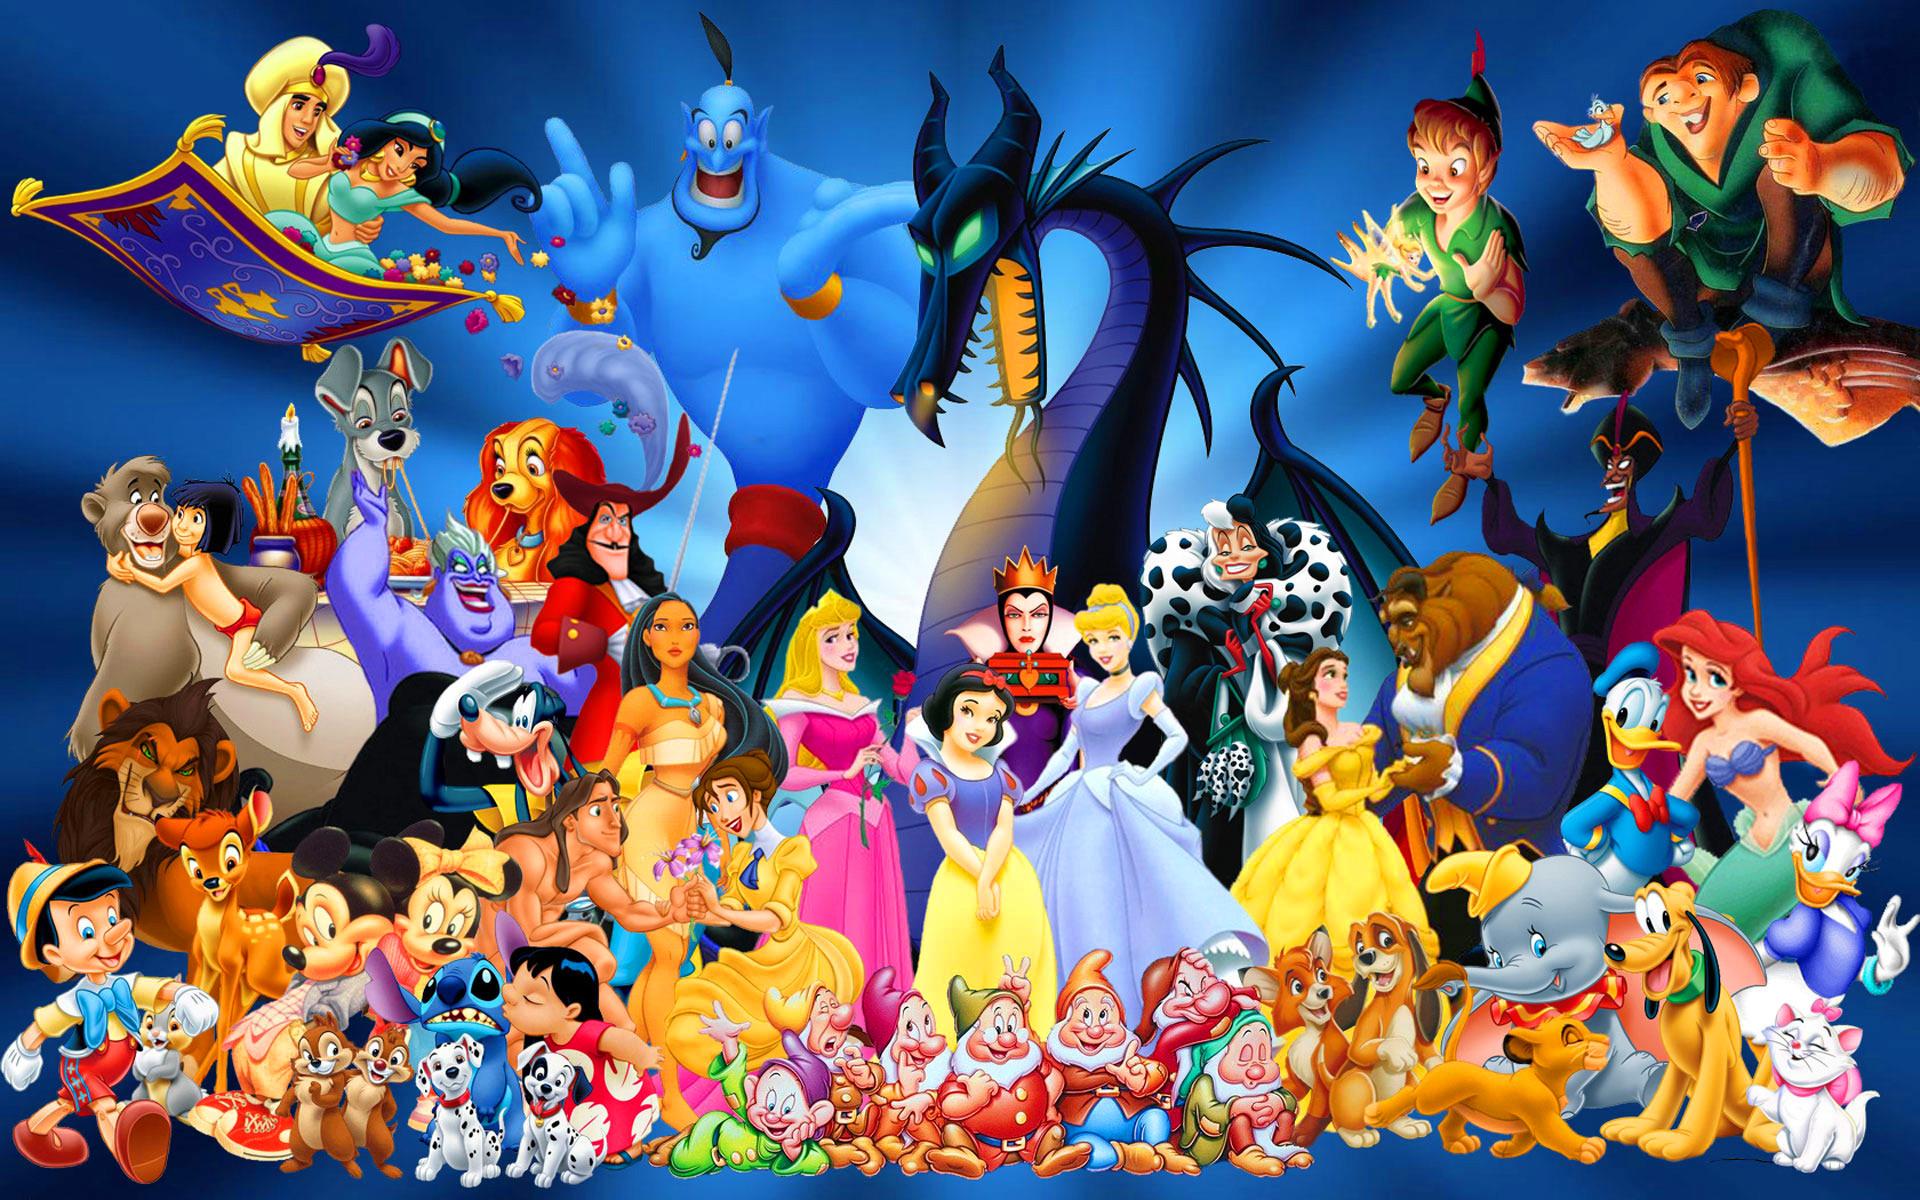 Disney Cartoon Characters computer desktop wallpapers pictures 1920x1200